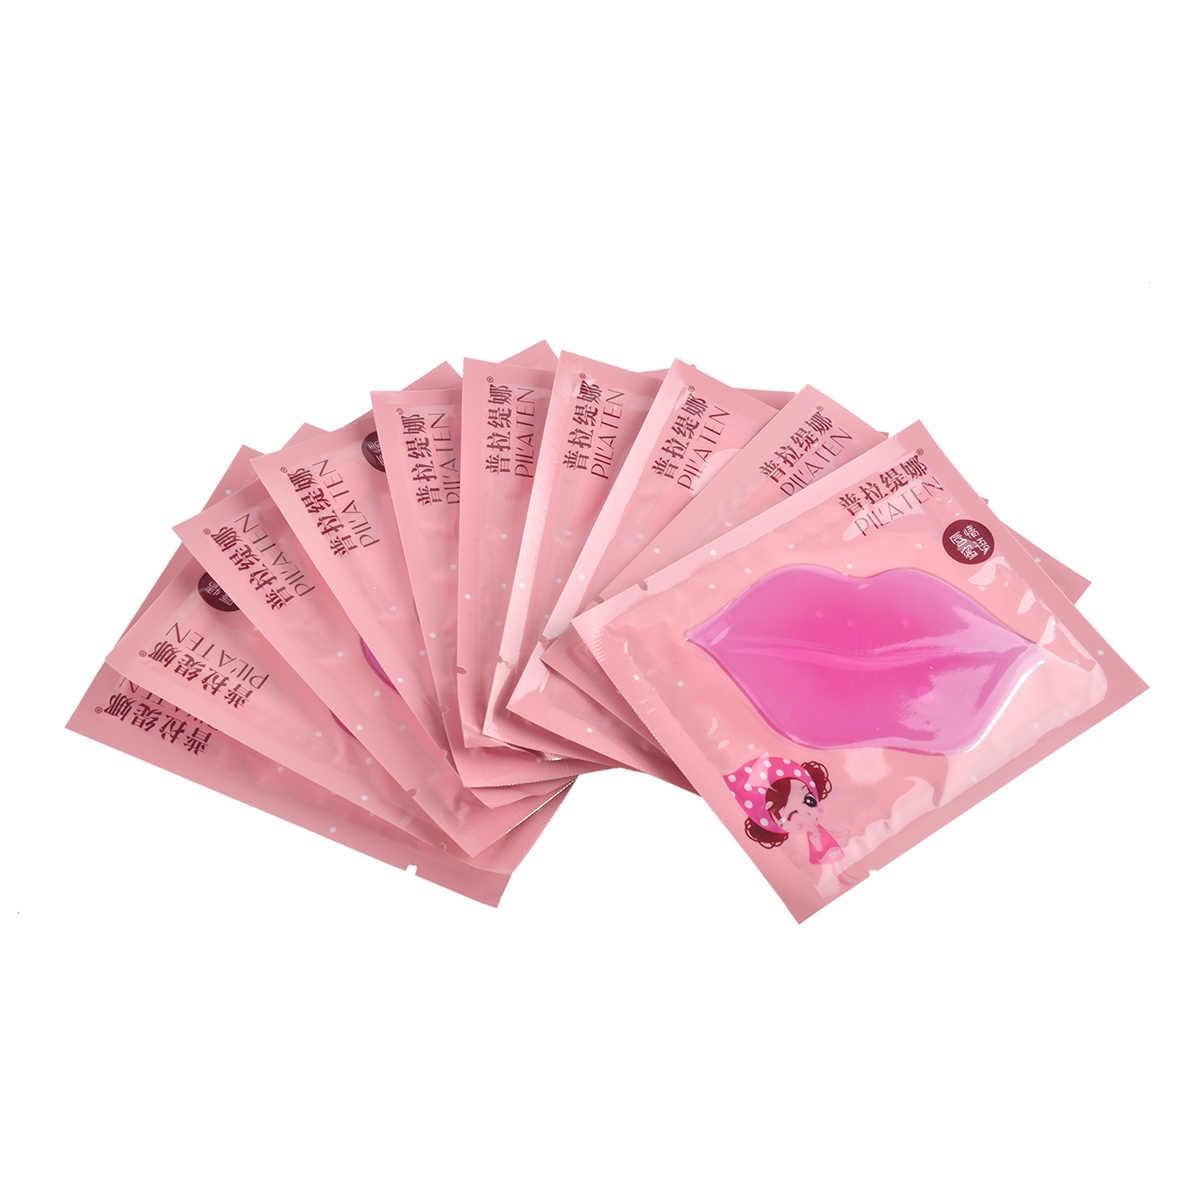 5 יח'\חבילה PILATEN קריסטל קולגן לשפתיים מסכת קולגן חלבון קריסטל נשים חידוש שפתיים סרט שפתיים צבע אנטי פיצוח